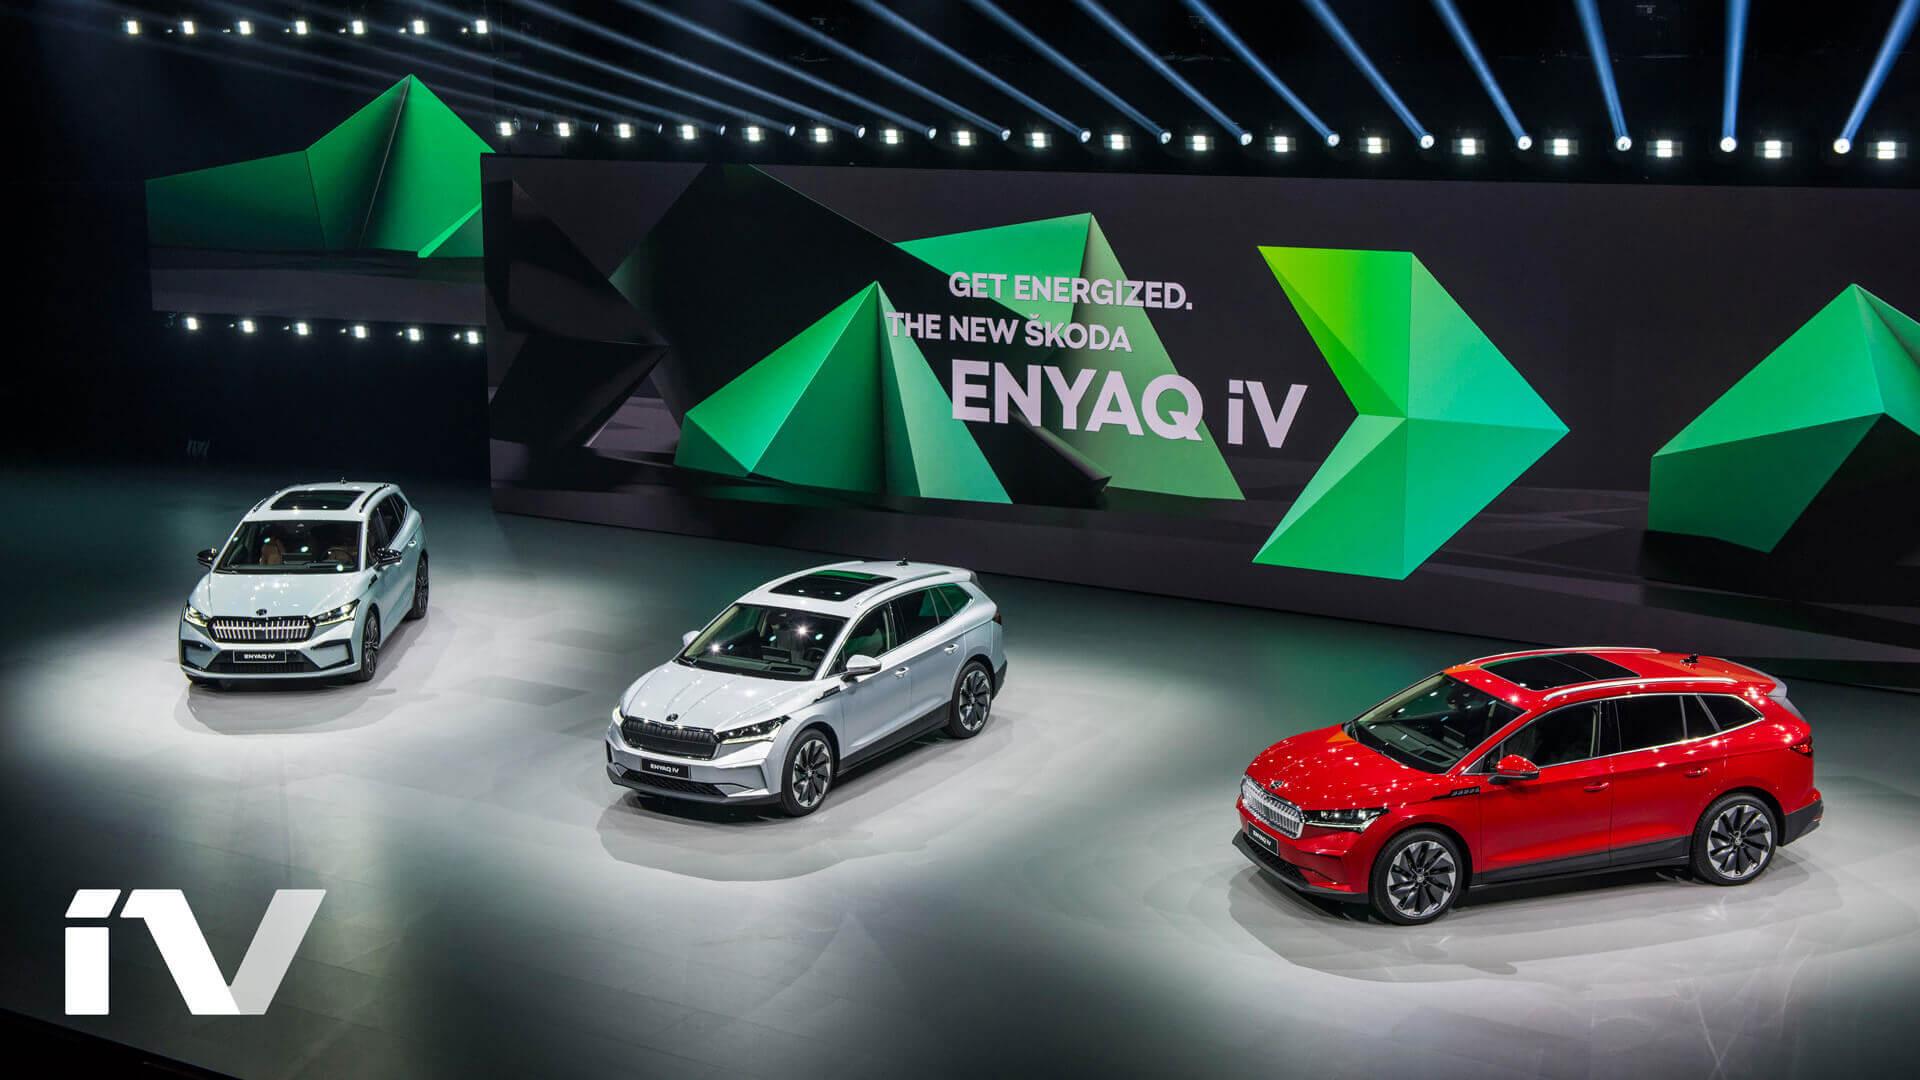 ŠKODA ENYAQ iV будет доступен с тремя батарейными блоками (55, 62 и 82 кВт⋅ч)